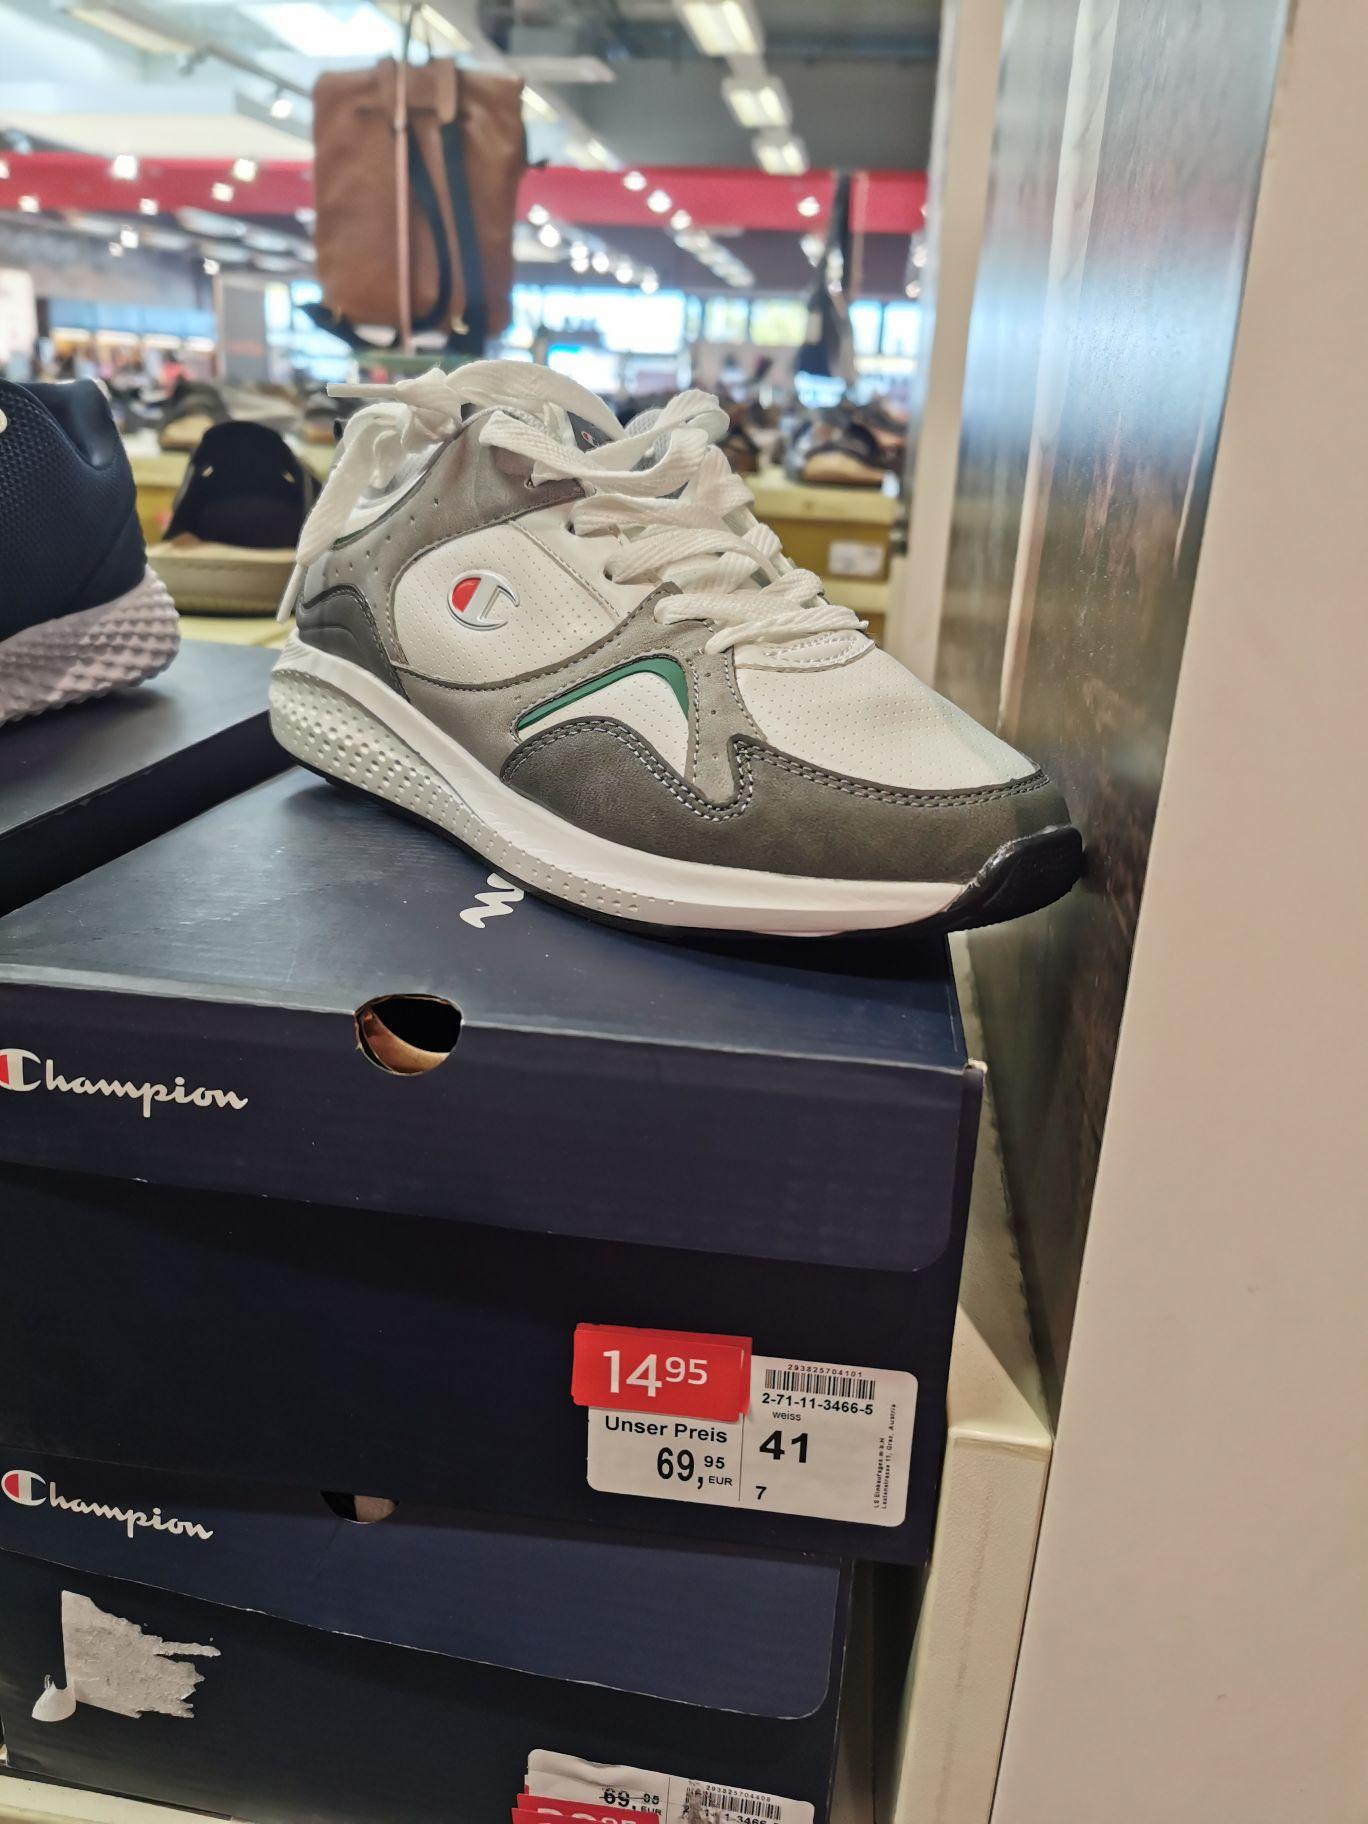 Champion Schuhe statt 69,95 nur 14,95 (und dazu noch - 30% auf reduzierte Artikel)